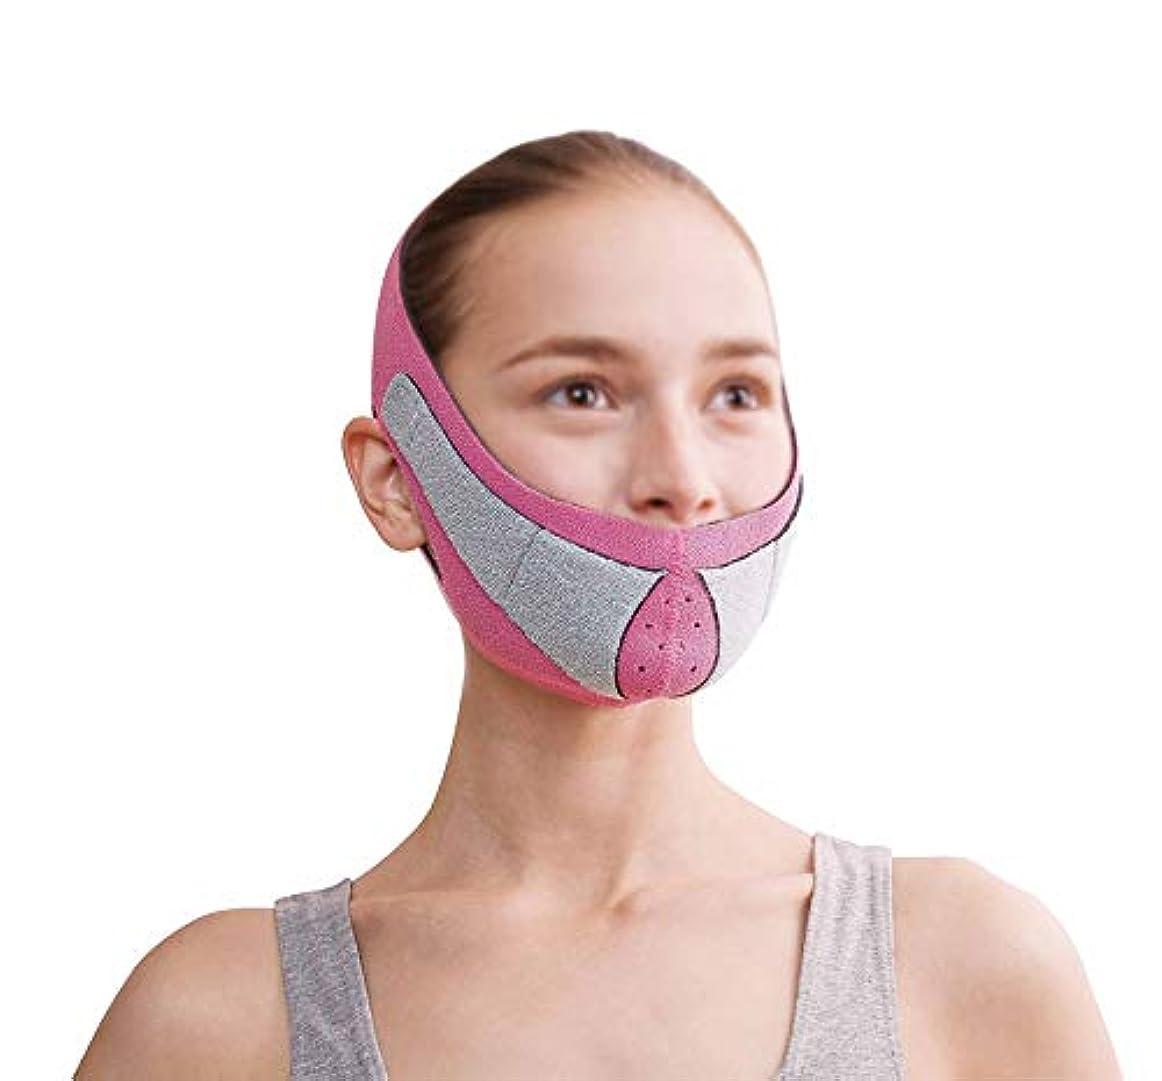 悪性の無臭薬理学フェイスリフトマスク、顔のマスクプラス薄いフェイスマスクタイトな垂れ下がりの薄いフェイスマスク顔の薄いフェイスマスクアーティファクト美容ネックストラップ付き